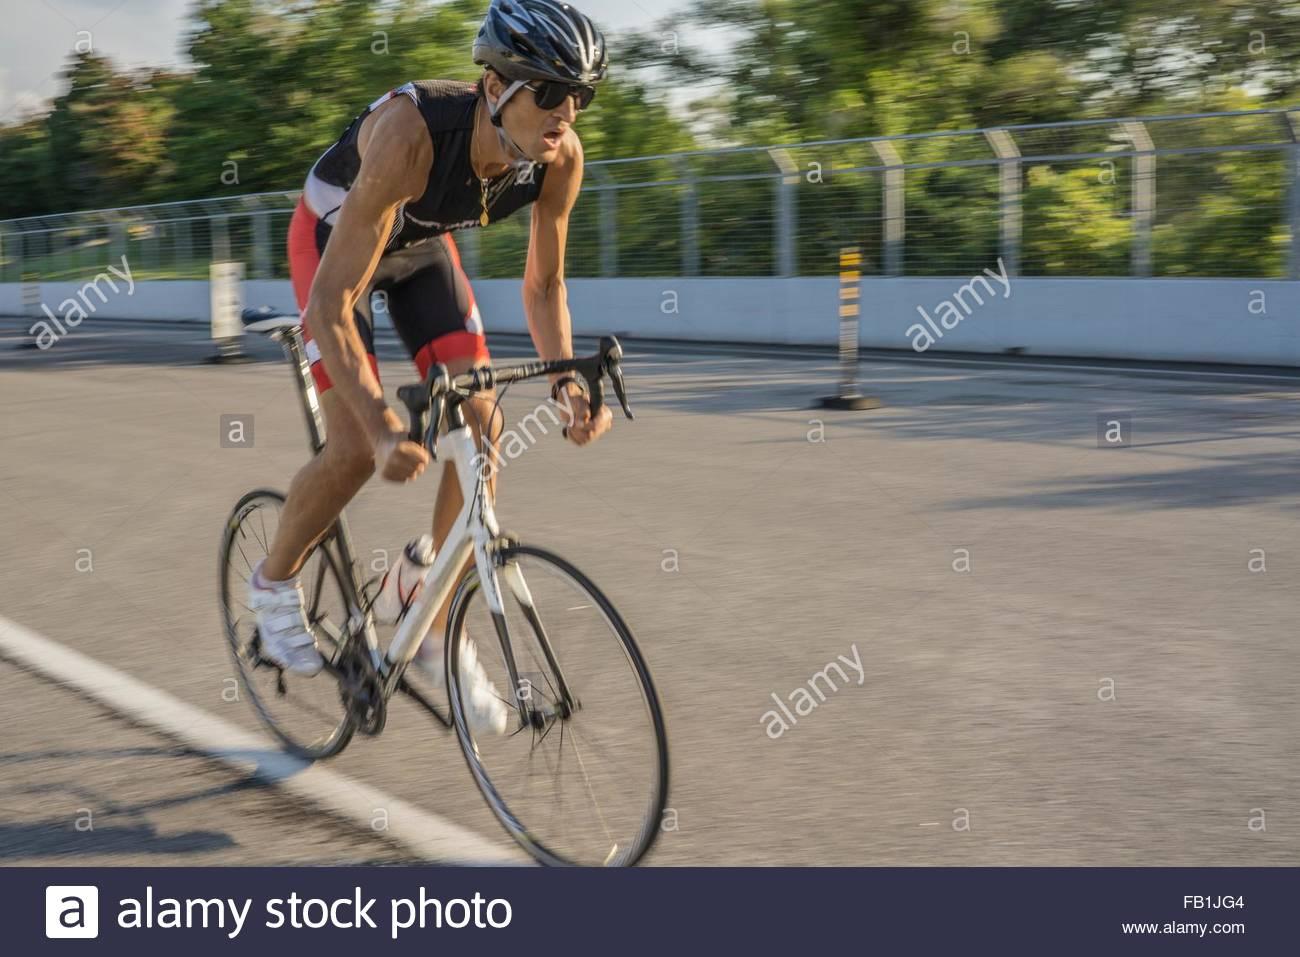 Man on mountain bike cyclisme sur piste de course, motion ébavurés, Montréal, Québec, Canada Photo Stock